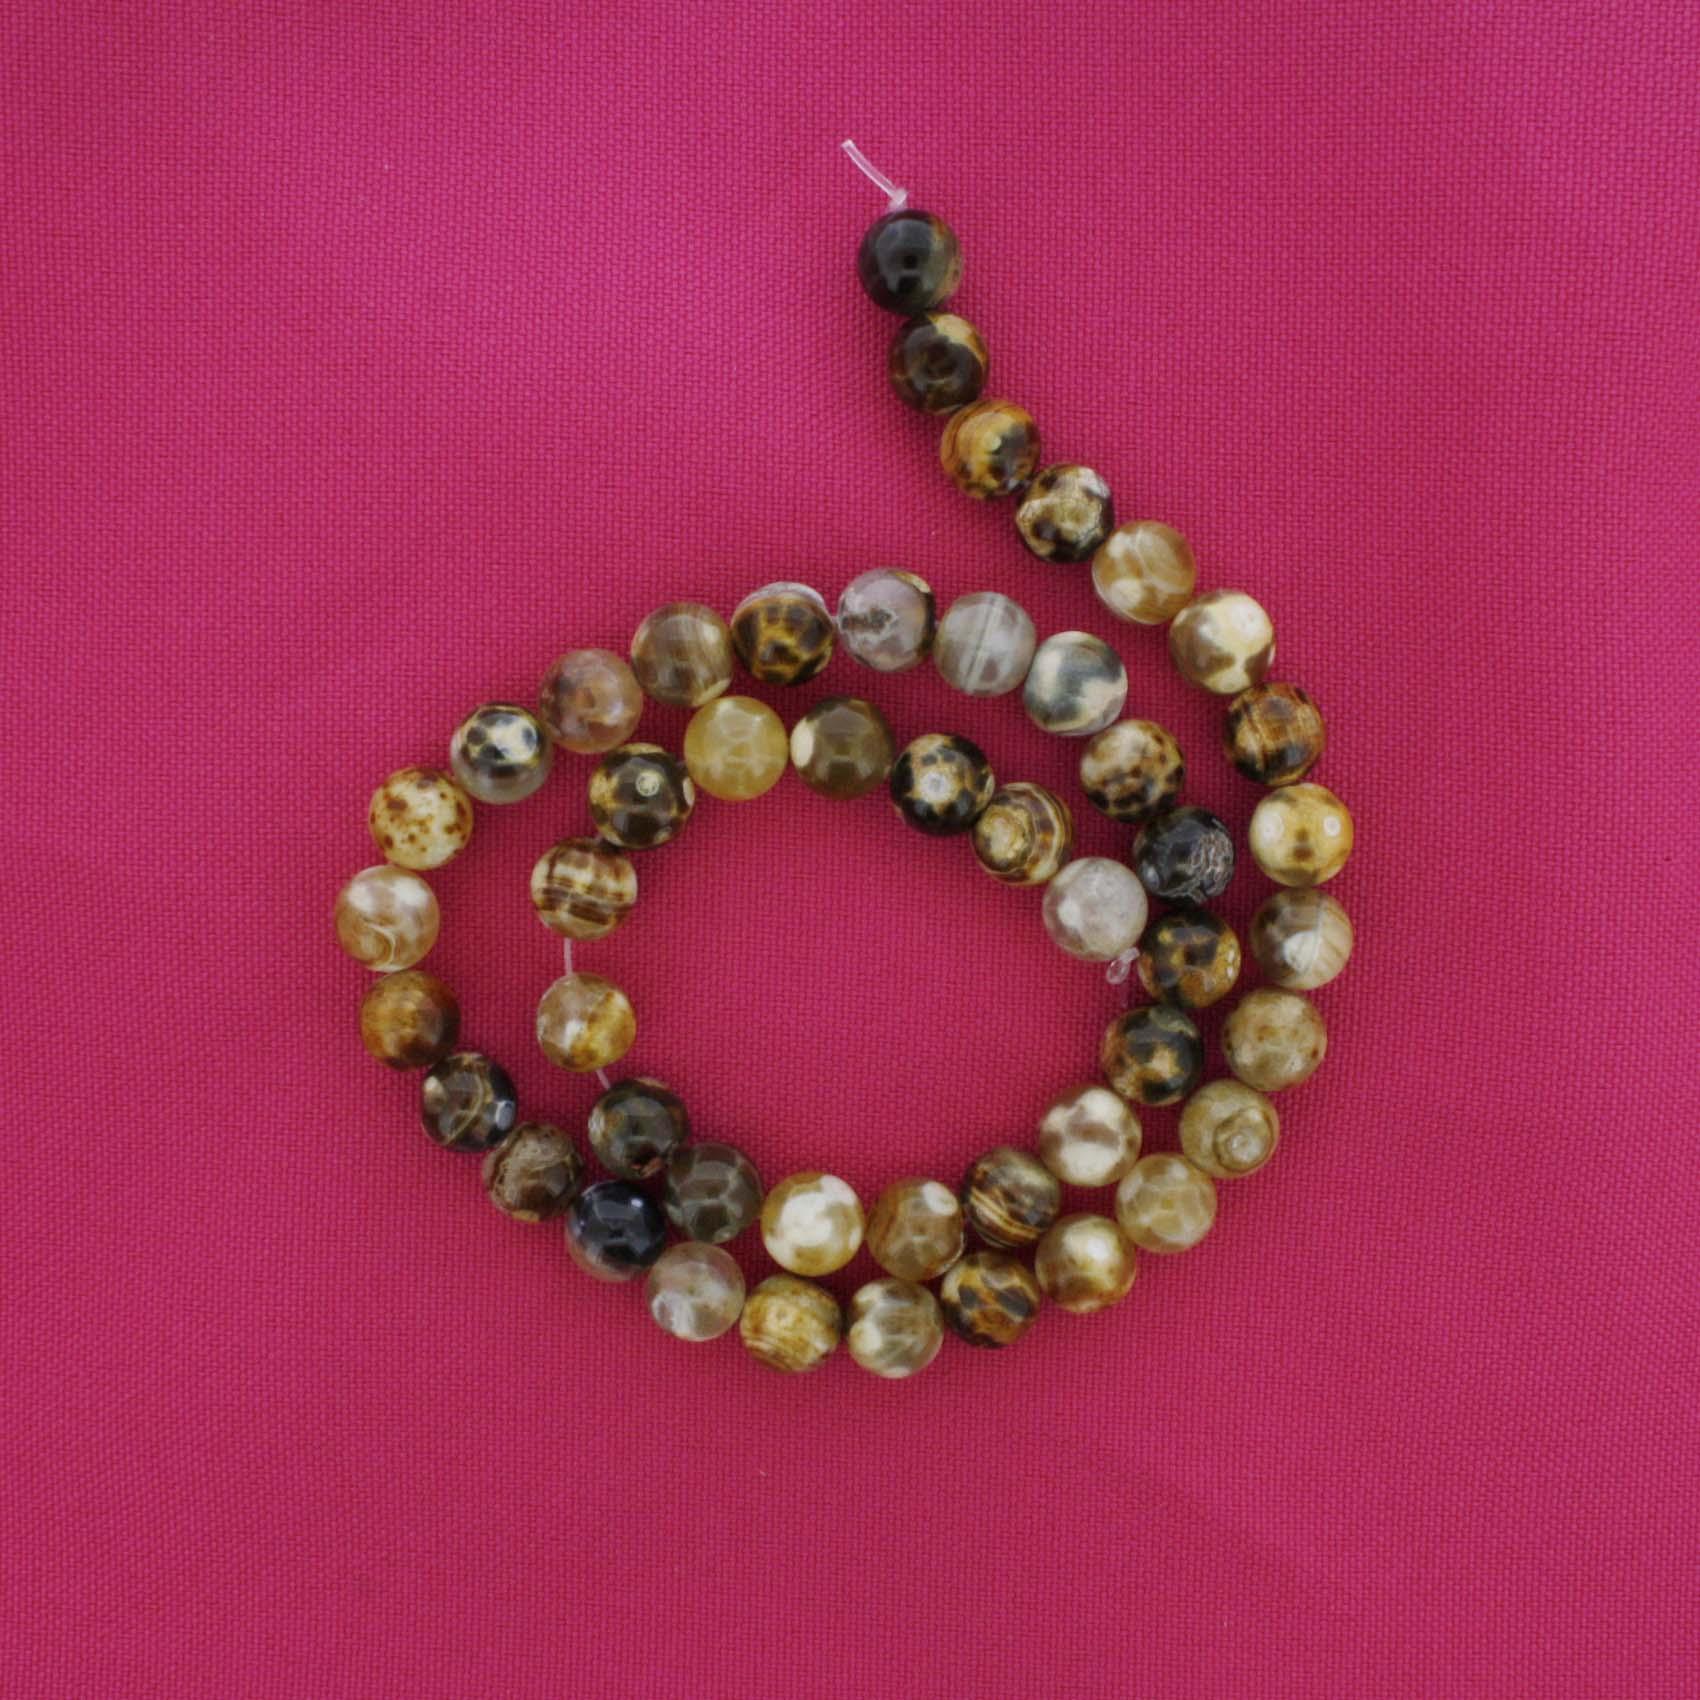 Fio de Pedra - Ágata Mesclada - 8mm  - Stéphanie Bijoux® - Peças para Bijuterias e Artesanato